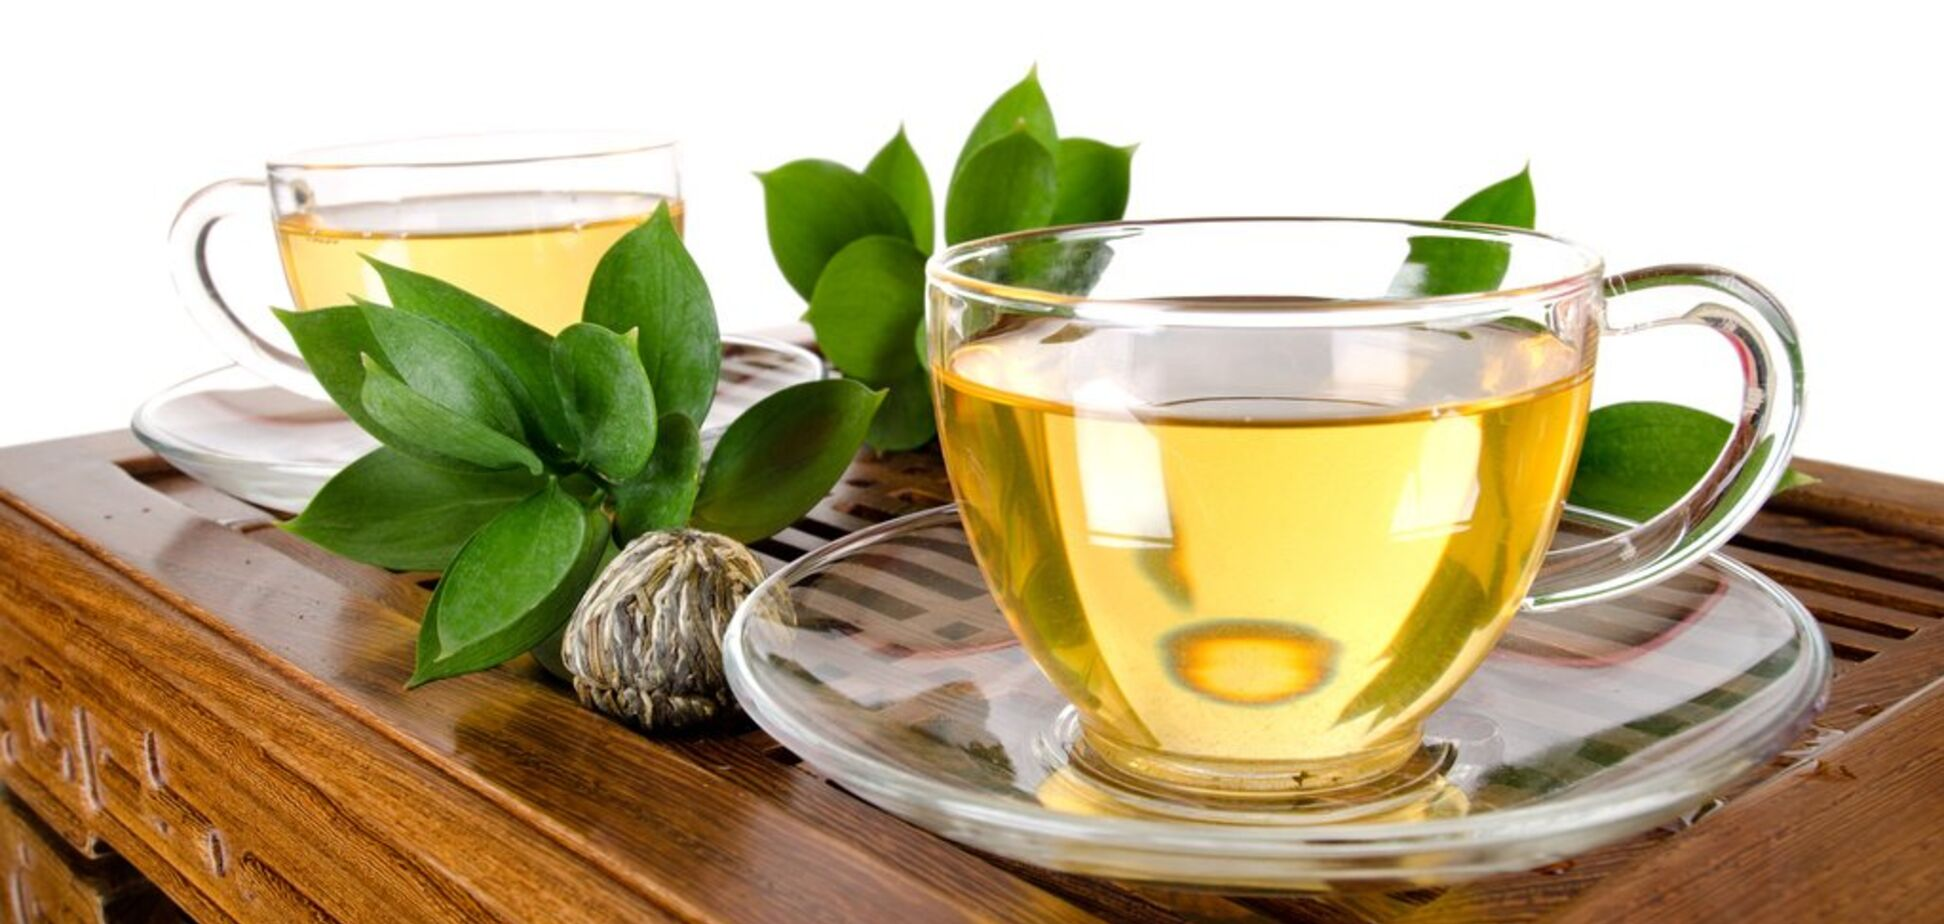 Смачніше й корисніше: як правильно заварювати чай